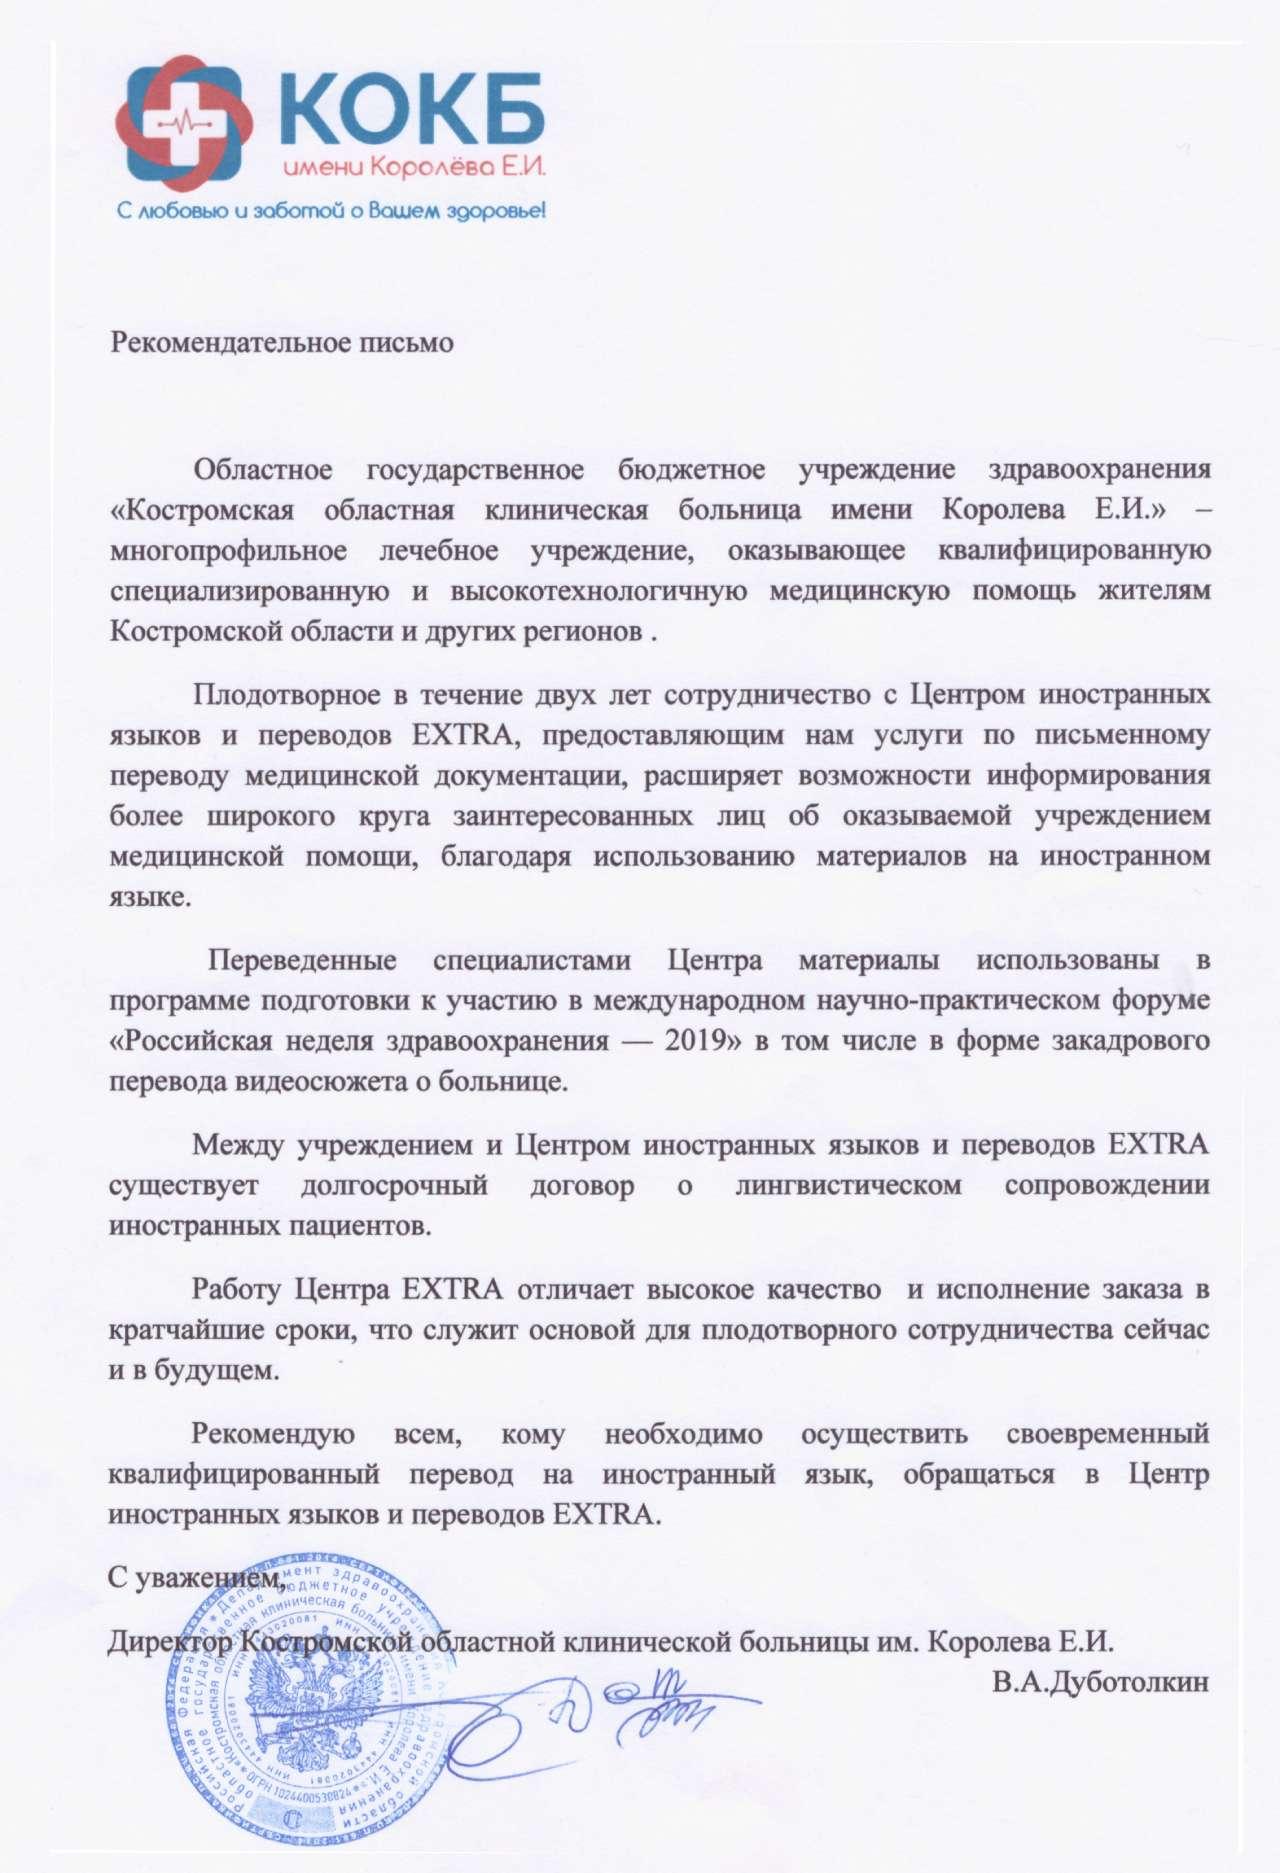 Костромская областная клиническая больница им. Королева Е.И.